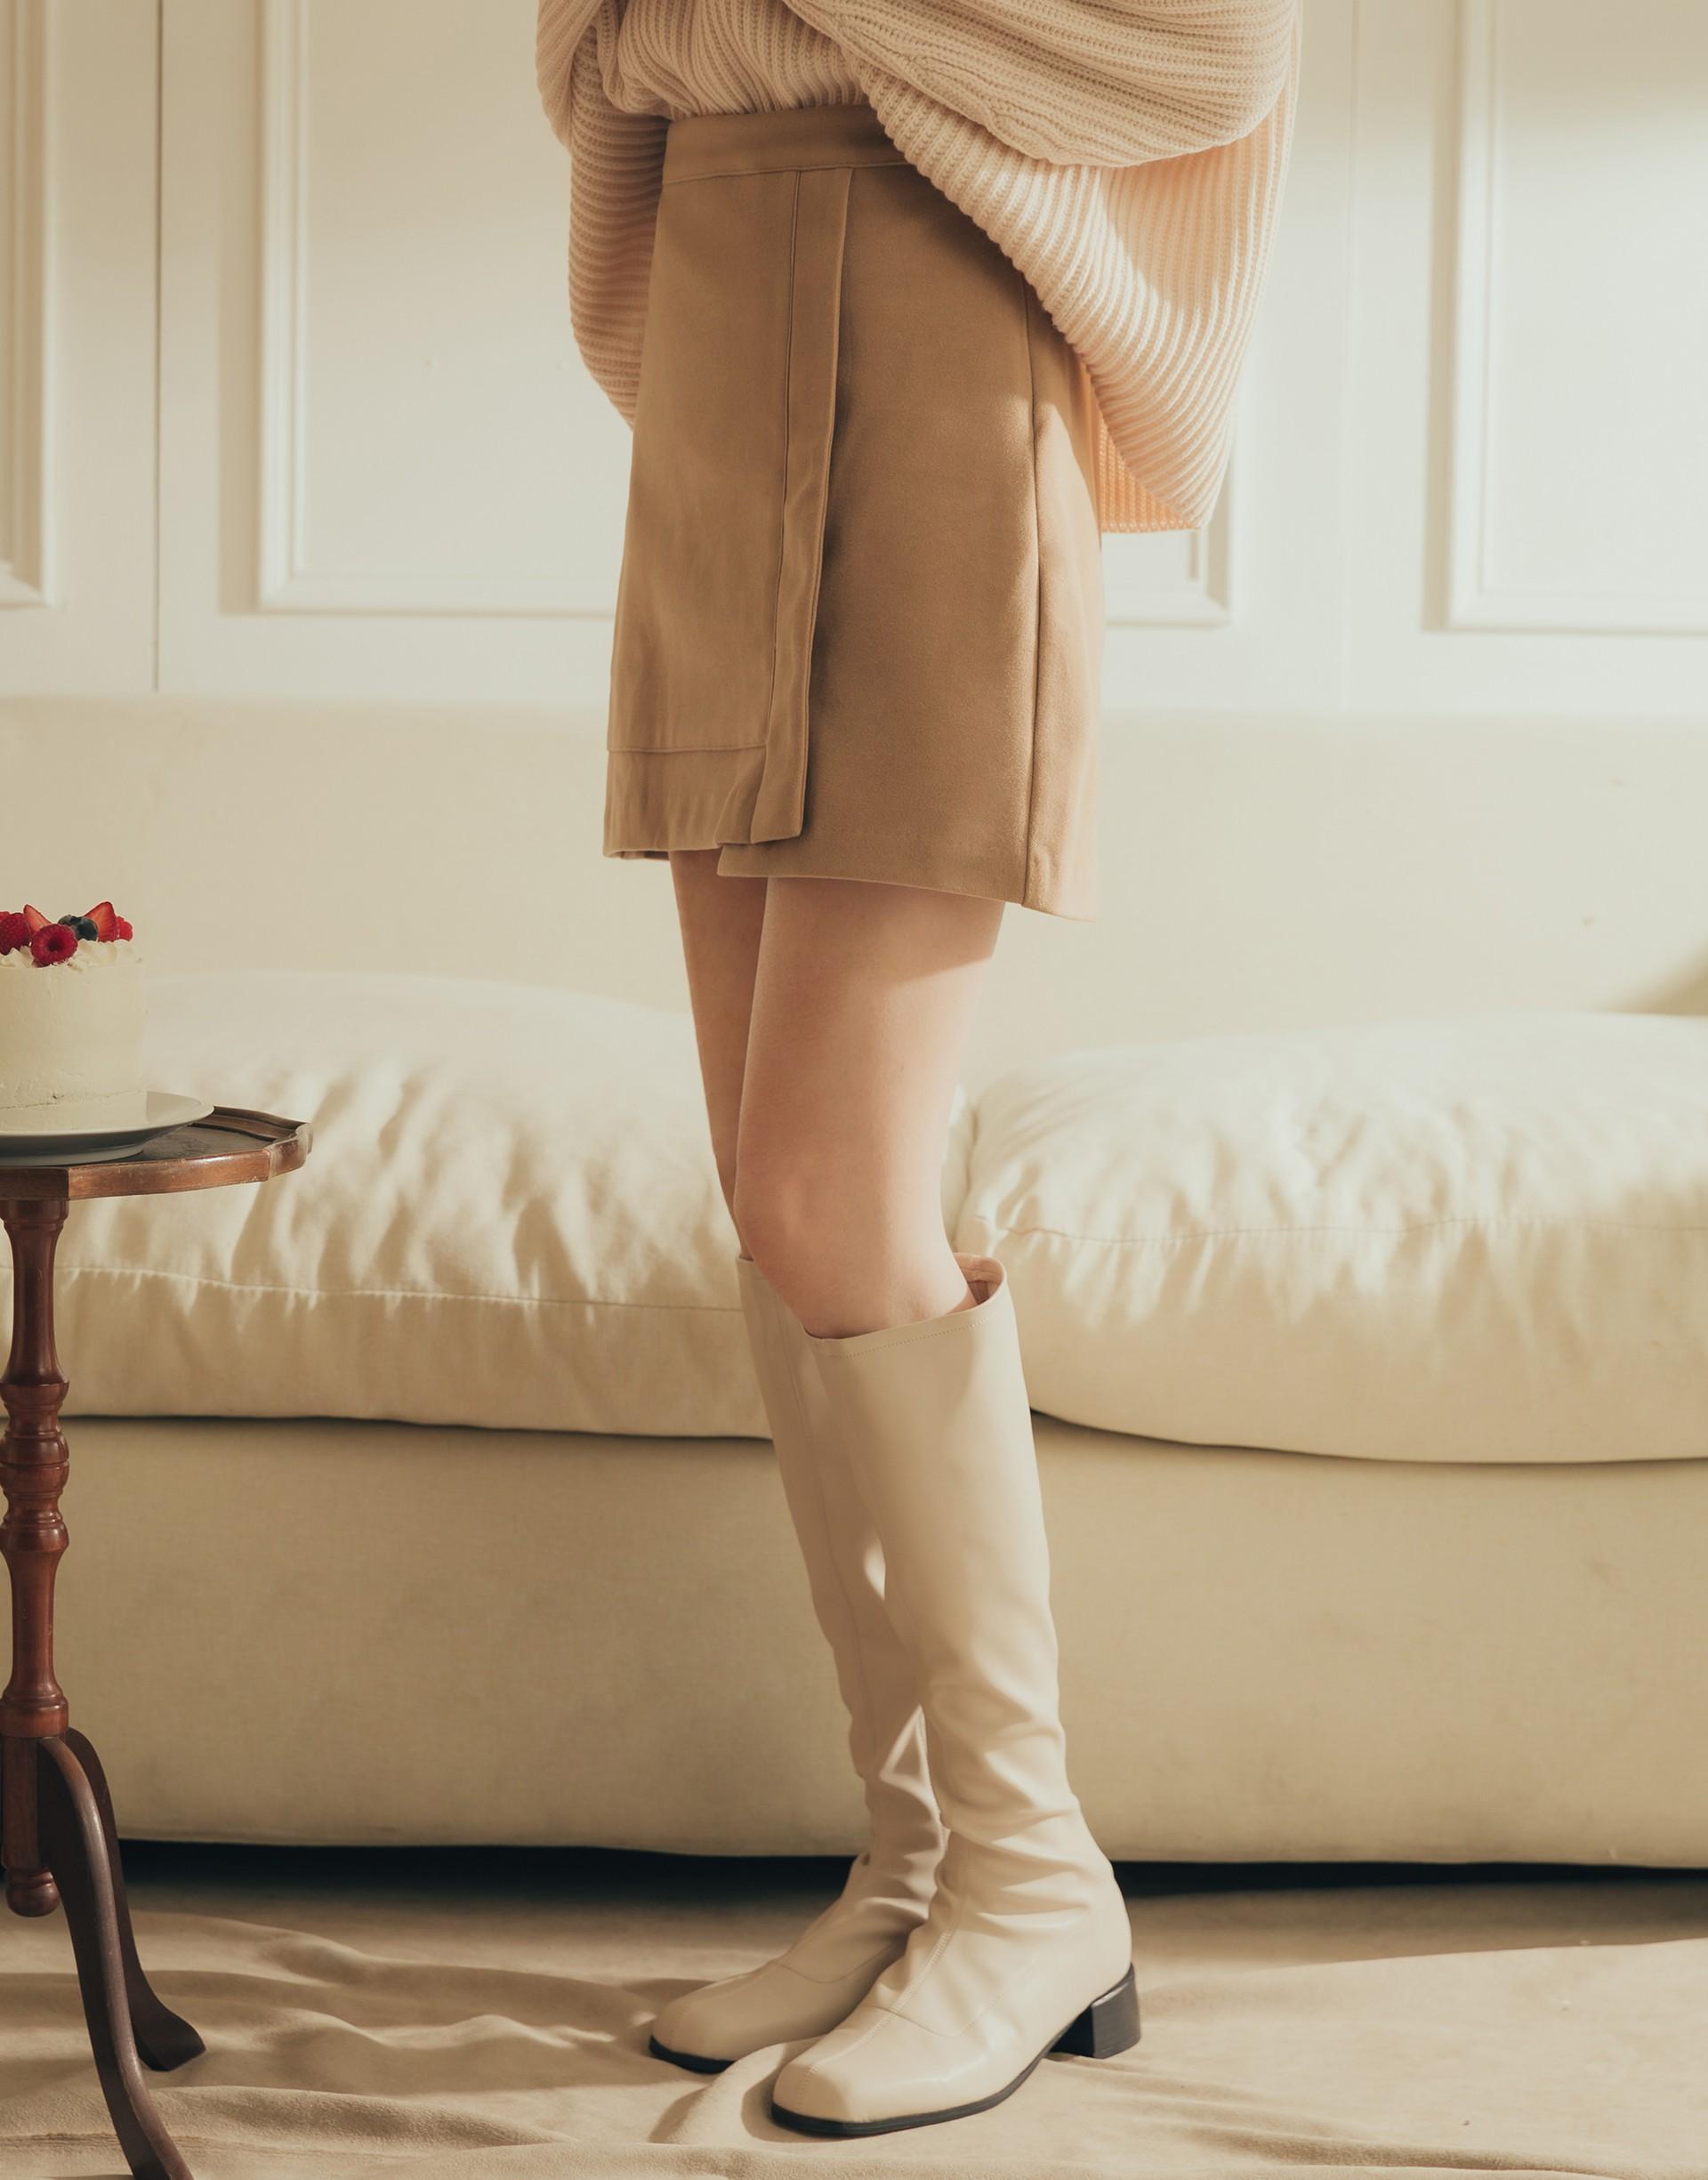 側開隱形拉鍊/後腰鬆緊設計/內裡為褲型